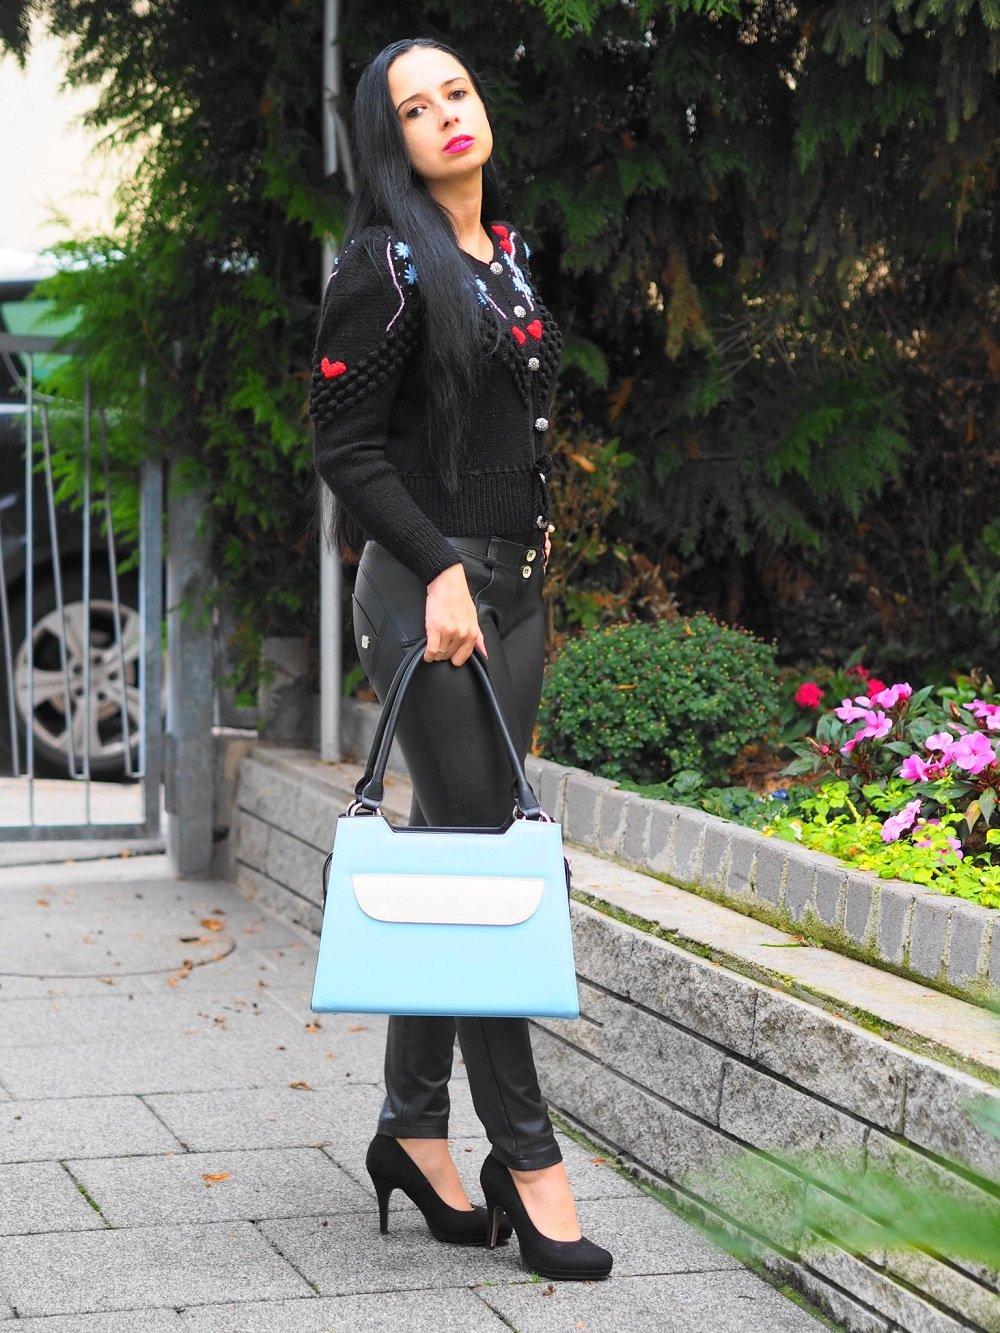 Heute zeige ich euch die neue Taschenkollektion und verlose über meine Facebookseite in einem Delieta Giveaway zehn Taschen des trendigen Labels aus Berlin